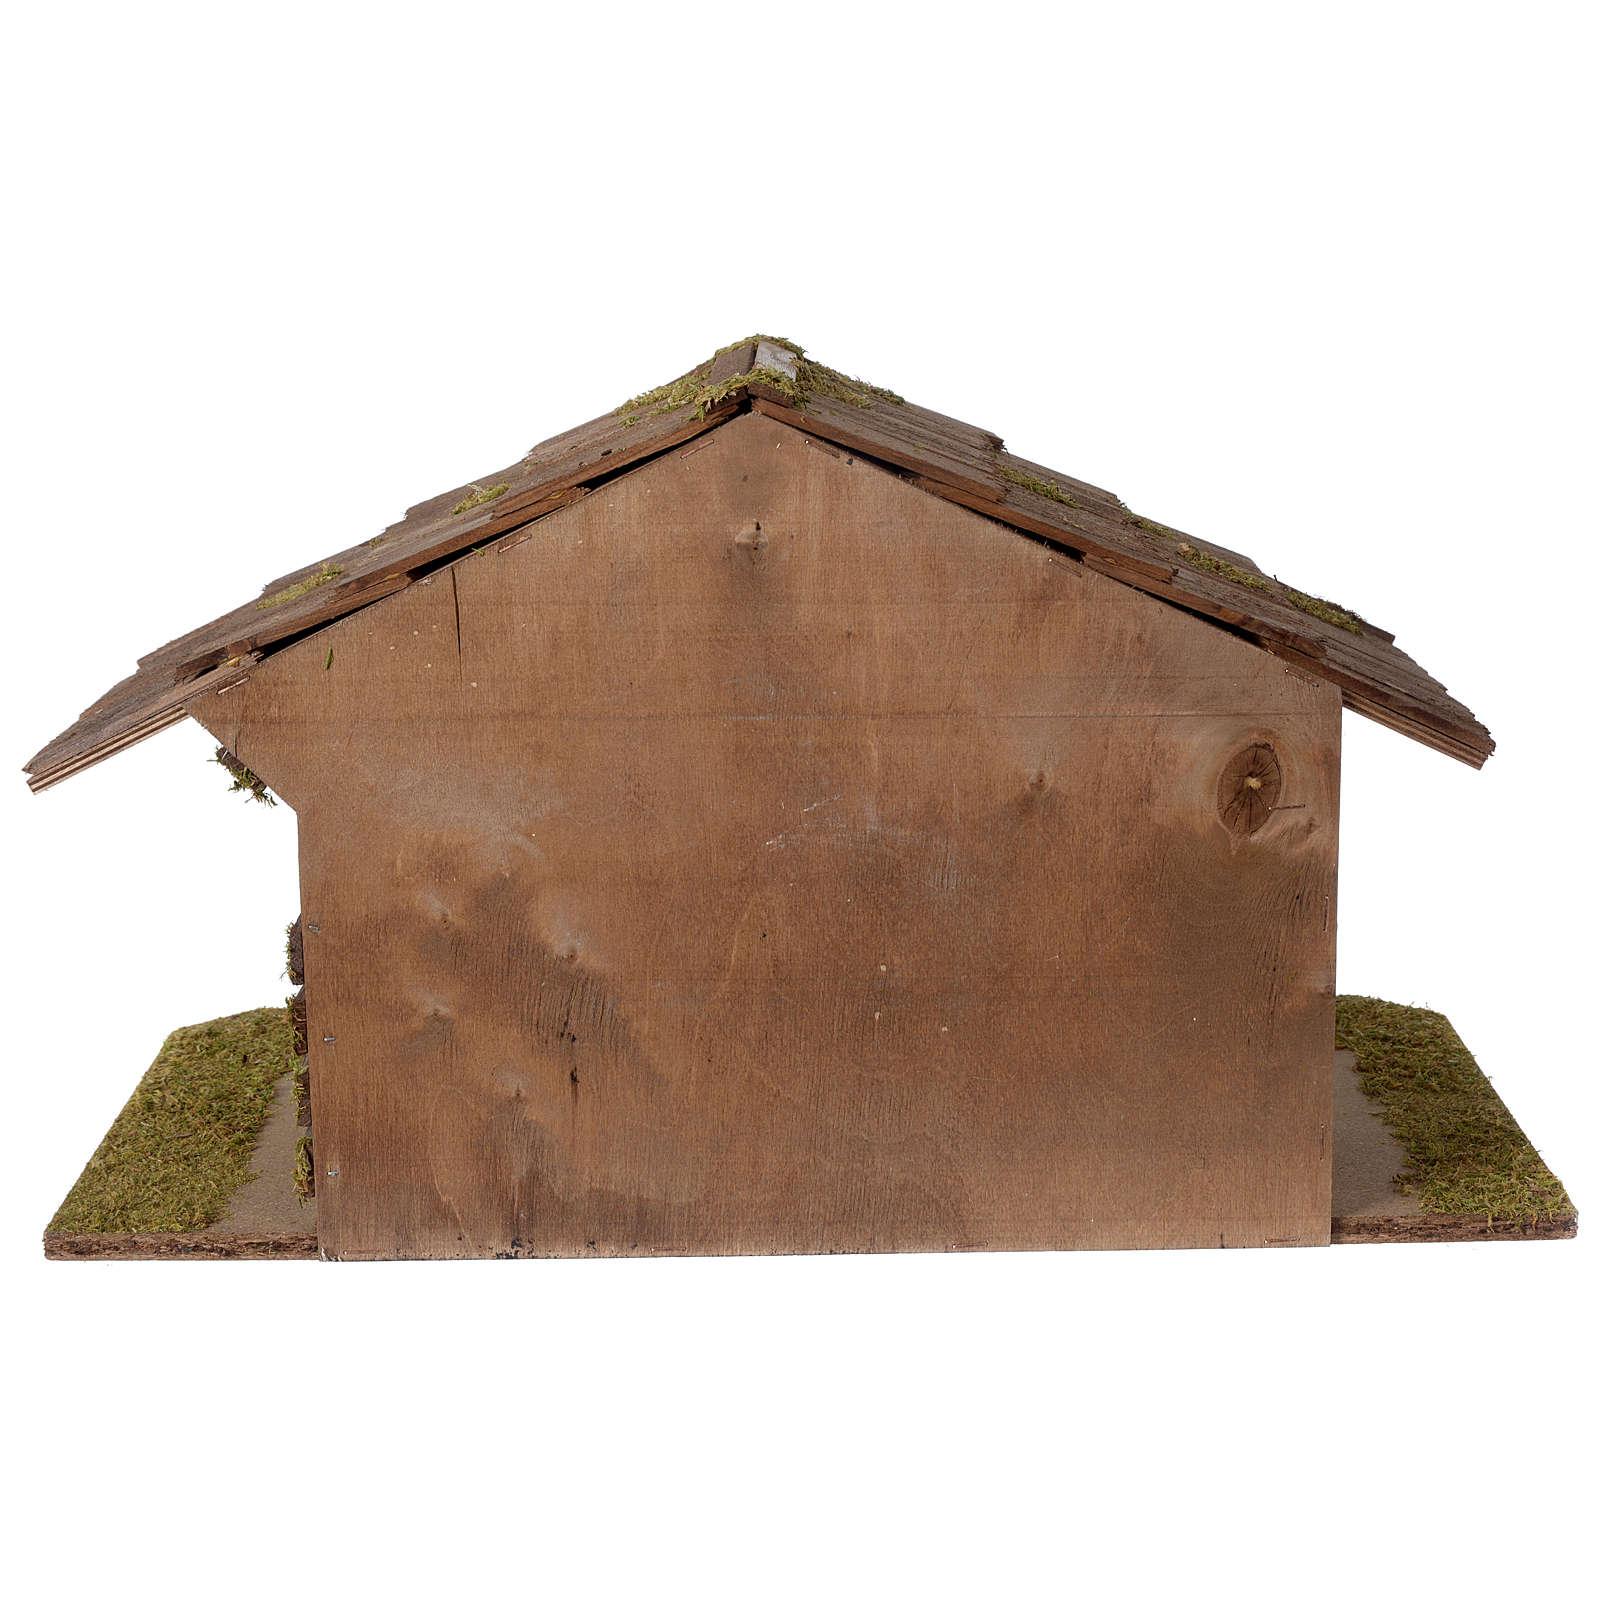 Stalla Presepe d'ispirazione nordica in legno 30x55x30cm per statuette da 10-12 cm 4